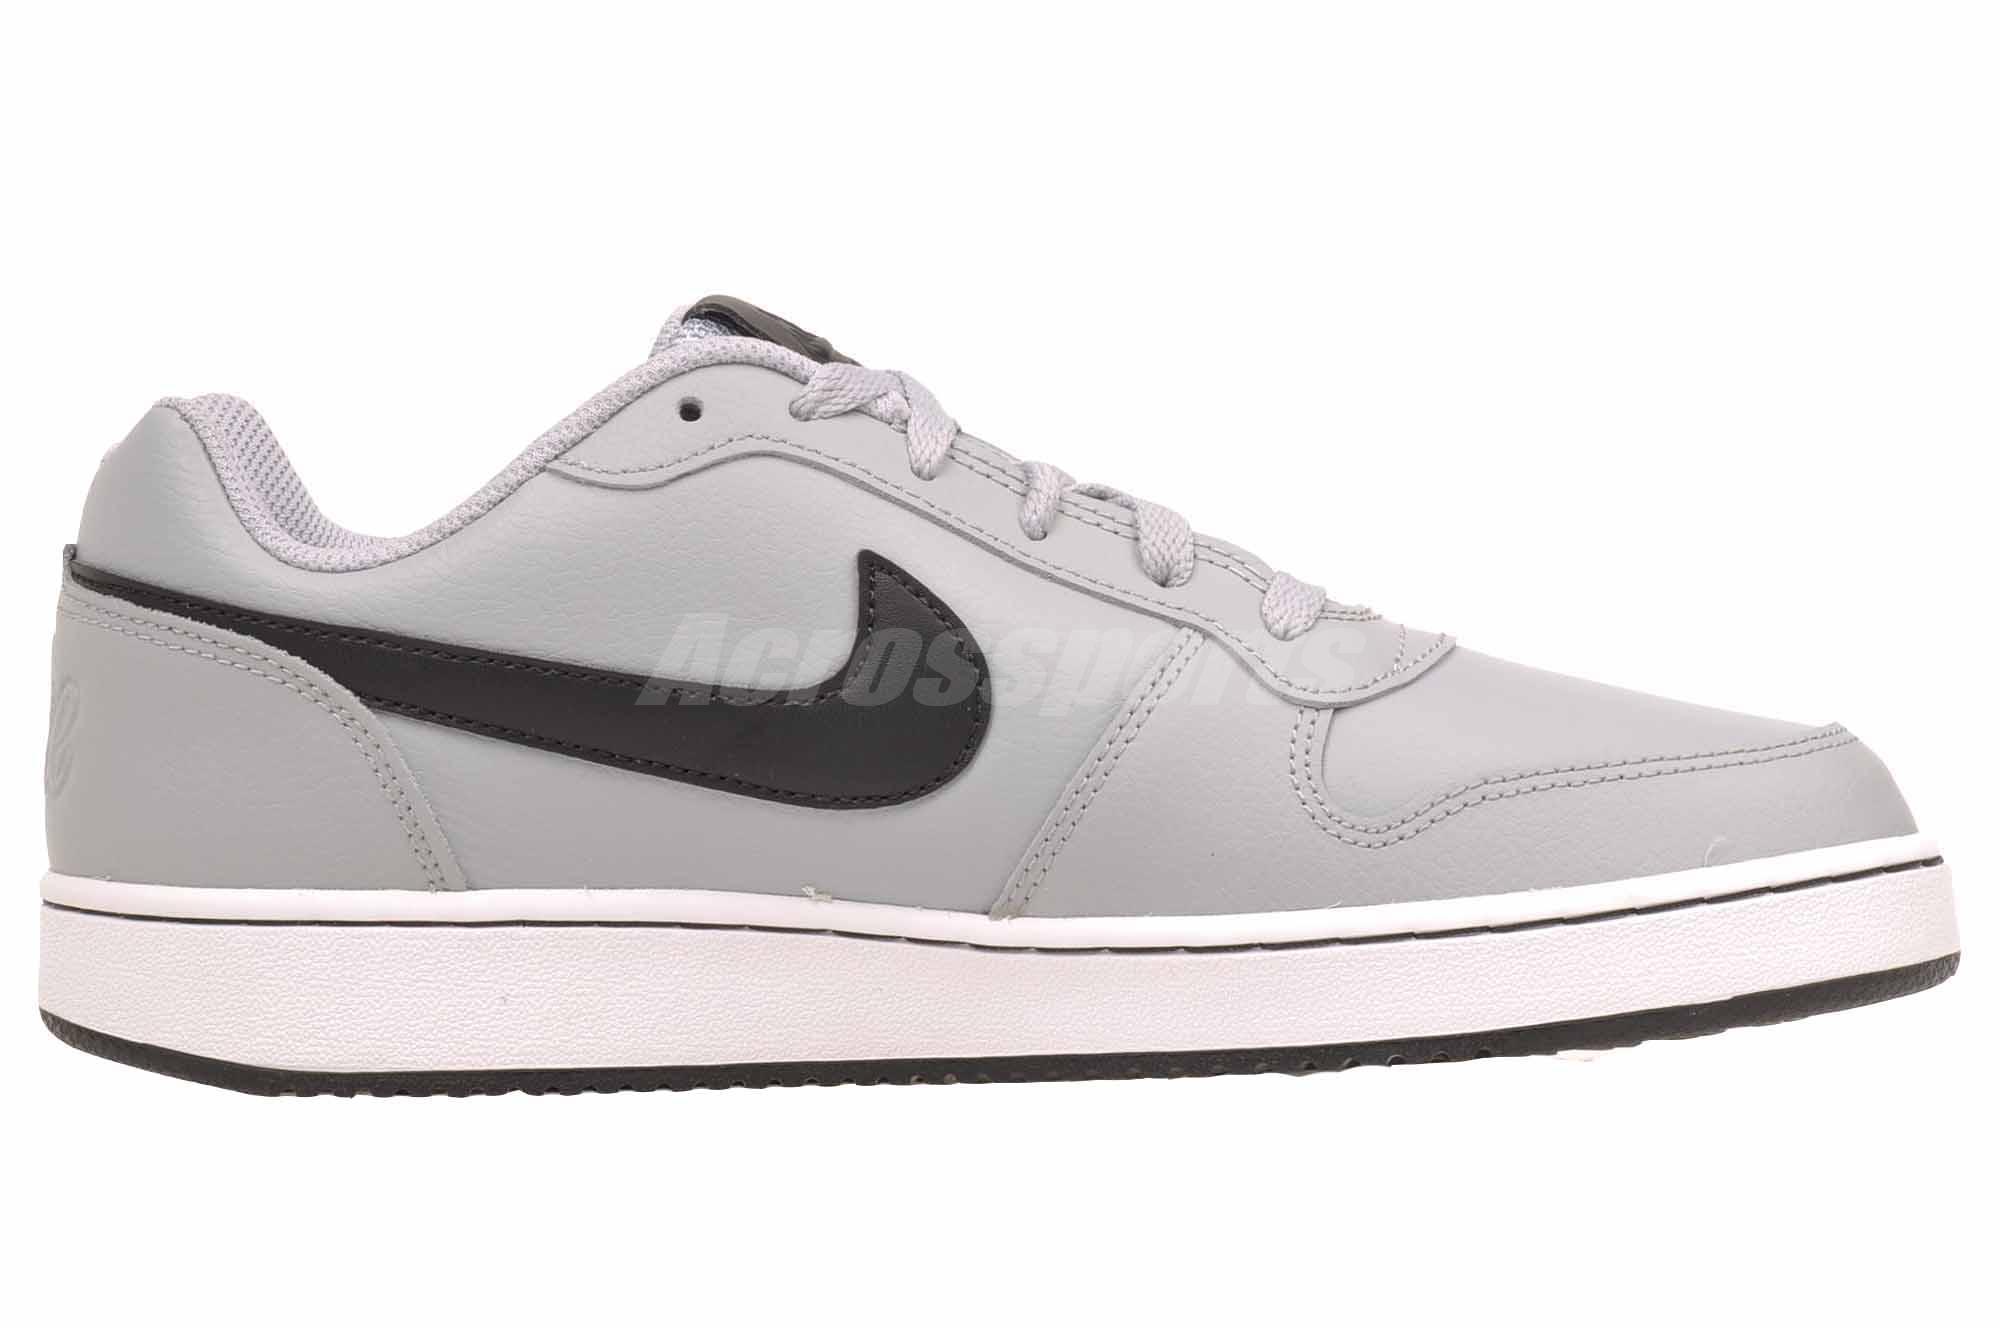 Detalles de Nike Ebernon bajo informal Para hombres Zapatos para Baloncesto Retro Gris AQ1775 005 ver título original